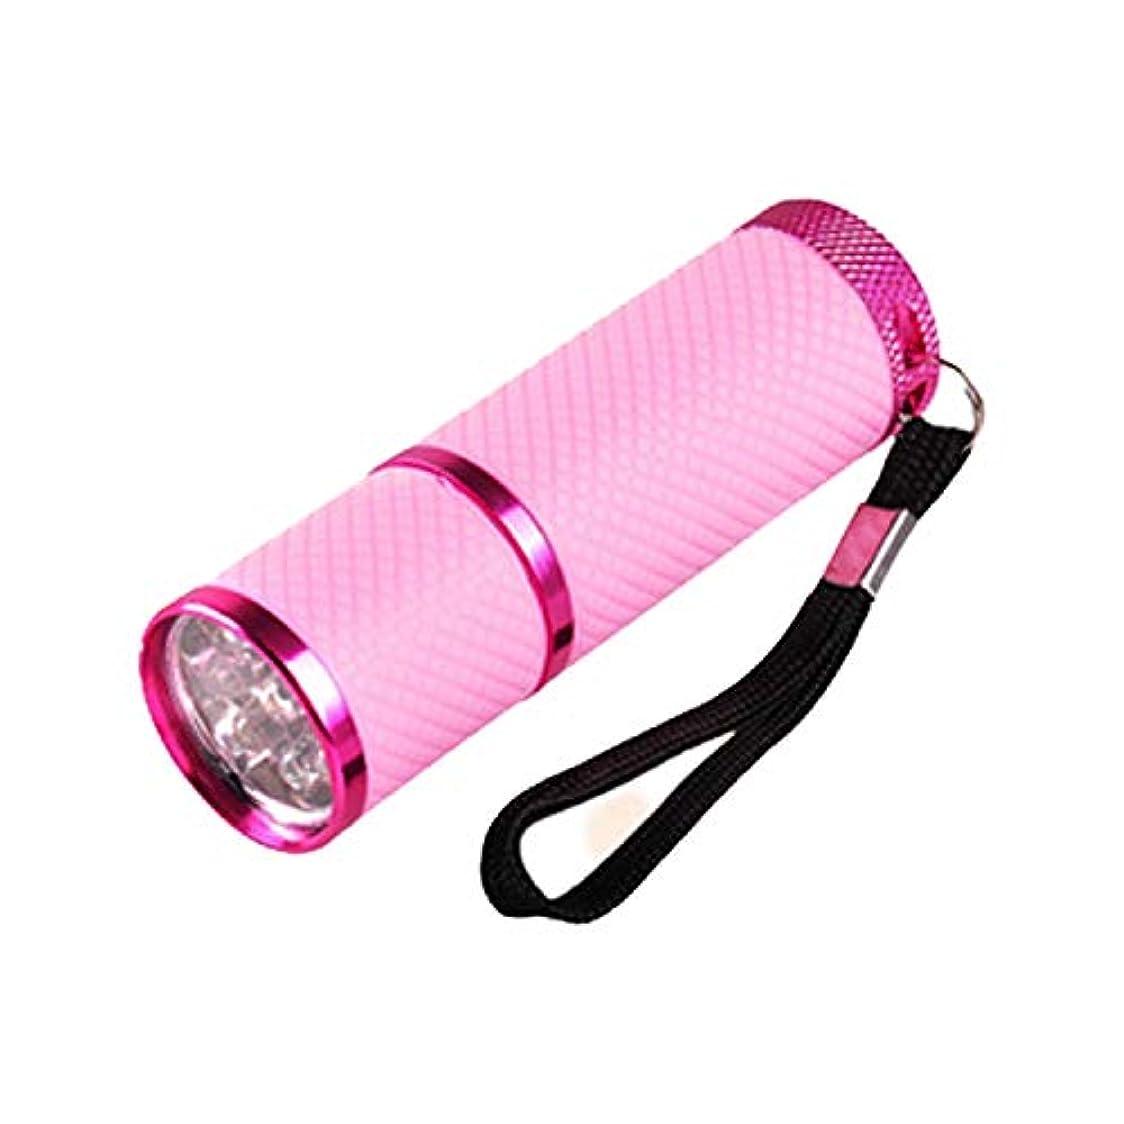 アーティファクトほうき人工的なネイル?レジンクラフト LED UVライト ピンク BY-NL550 ネコポス発送 送料無料